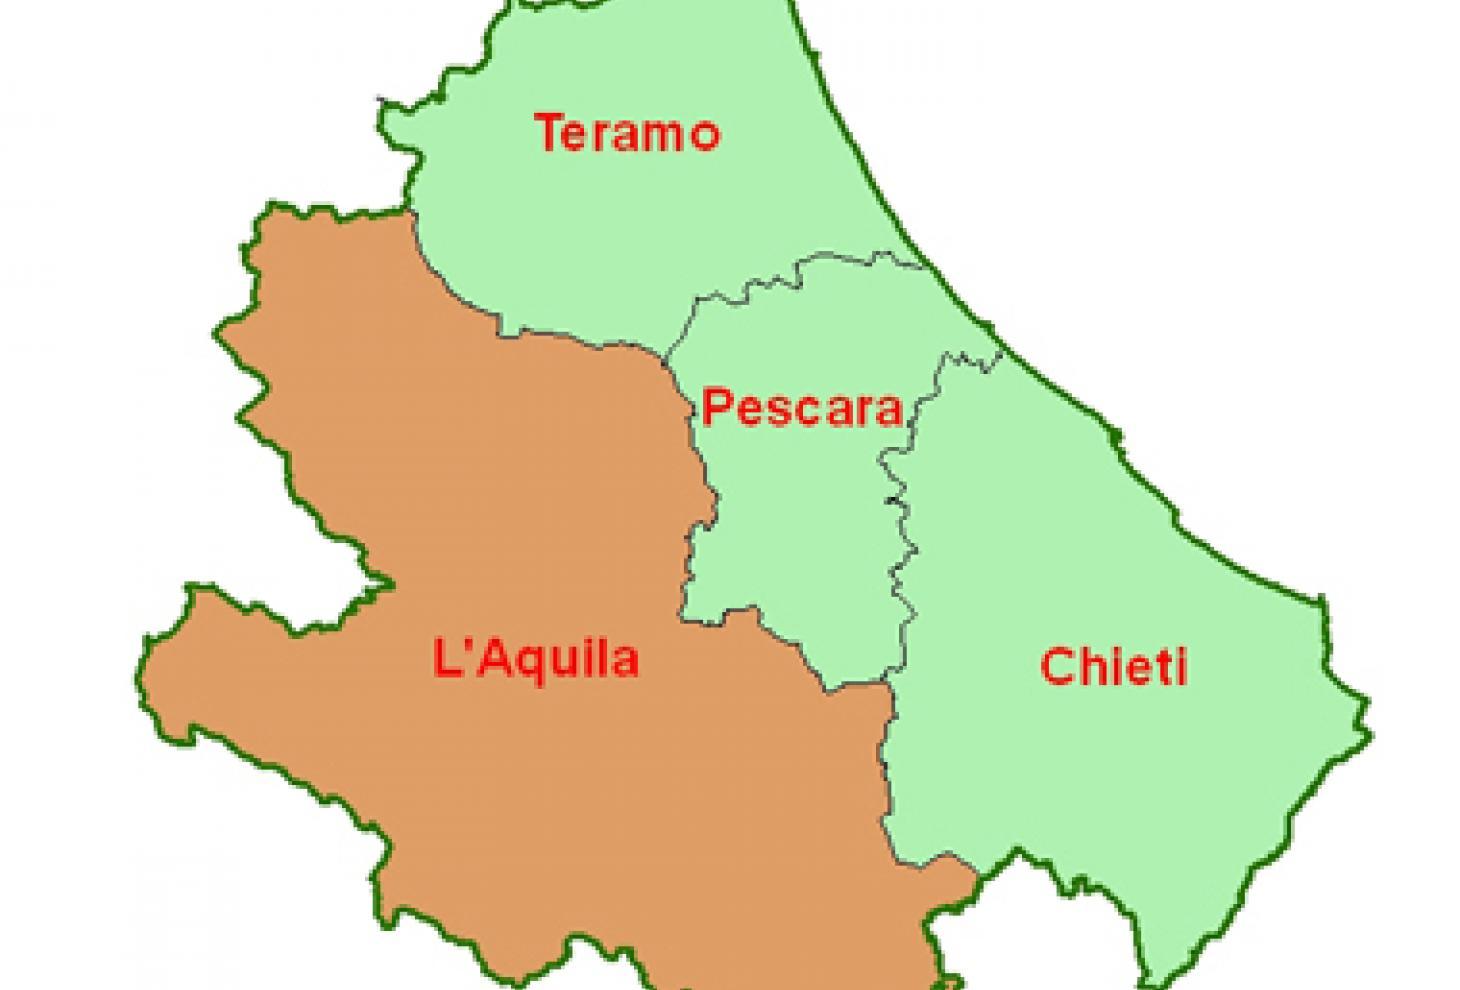 Cartina Della Regione Abruzzo.Sviluppo Sostenibile In Abruzzo Il Festival 22 Maggio 3 Giugno Regione Abruzzo